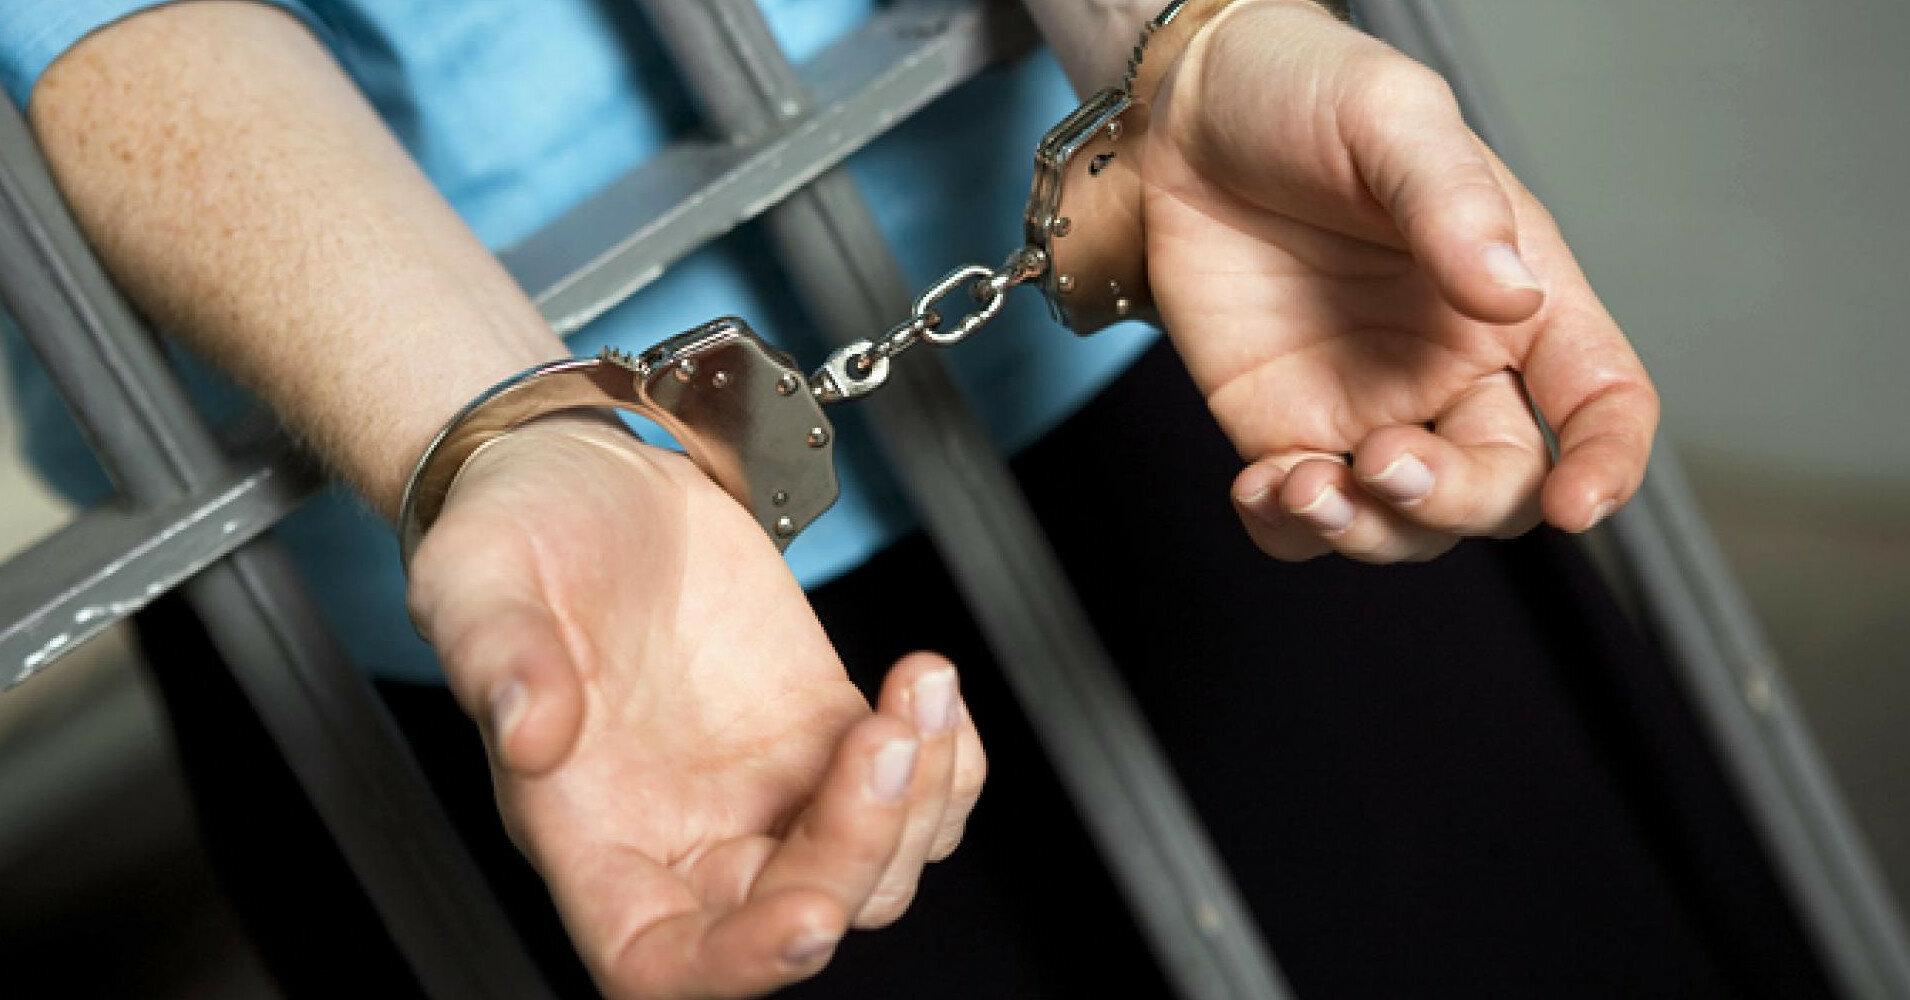 В тюрьму за песню: в России арестовали блогера